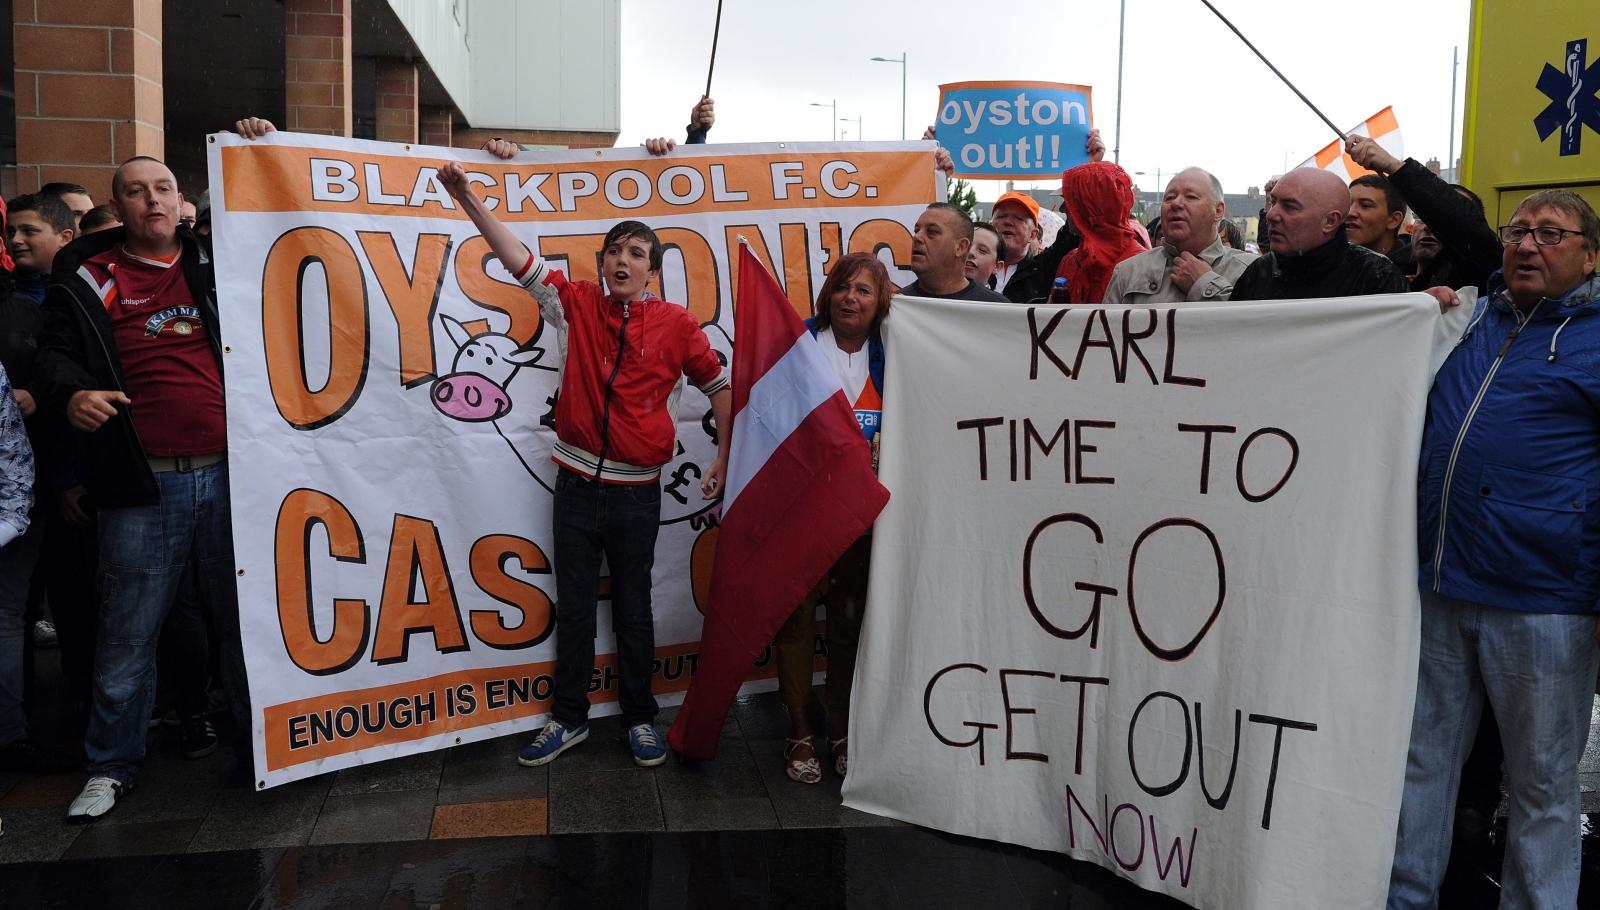 Blackpool fans Karl Oyston